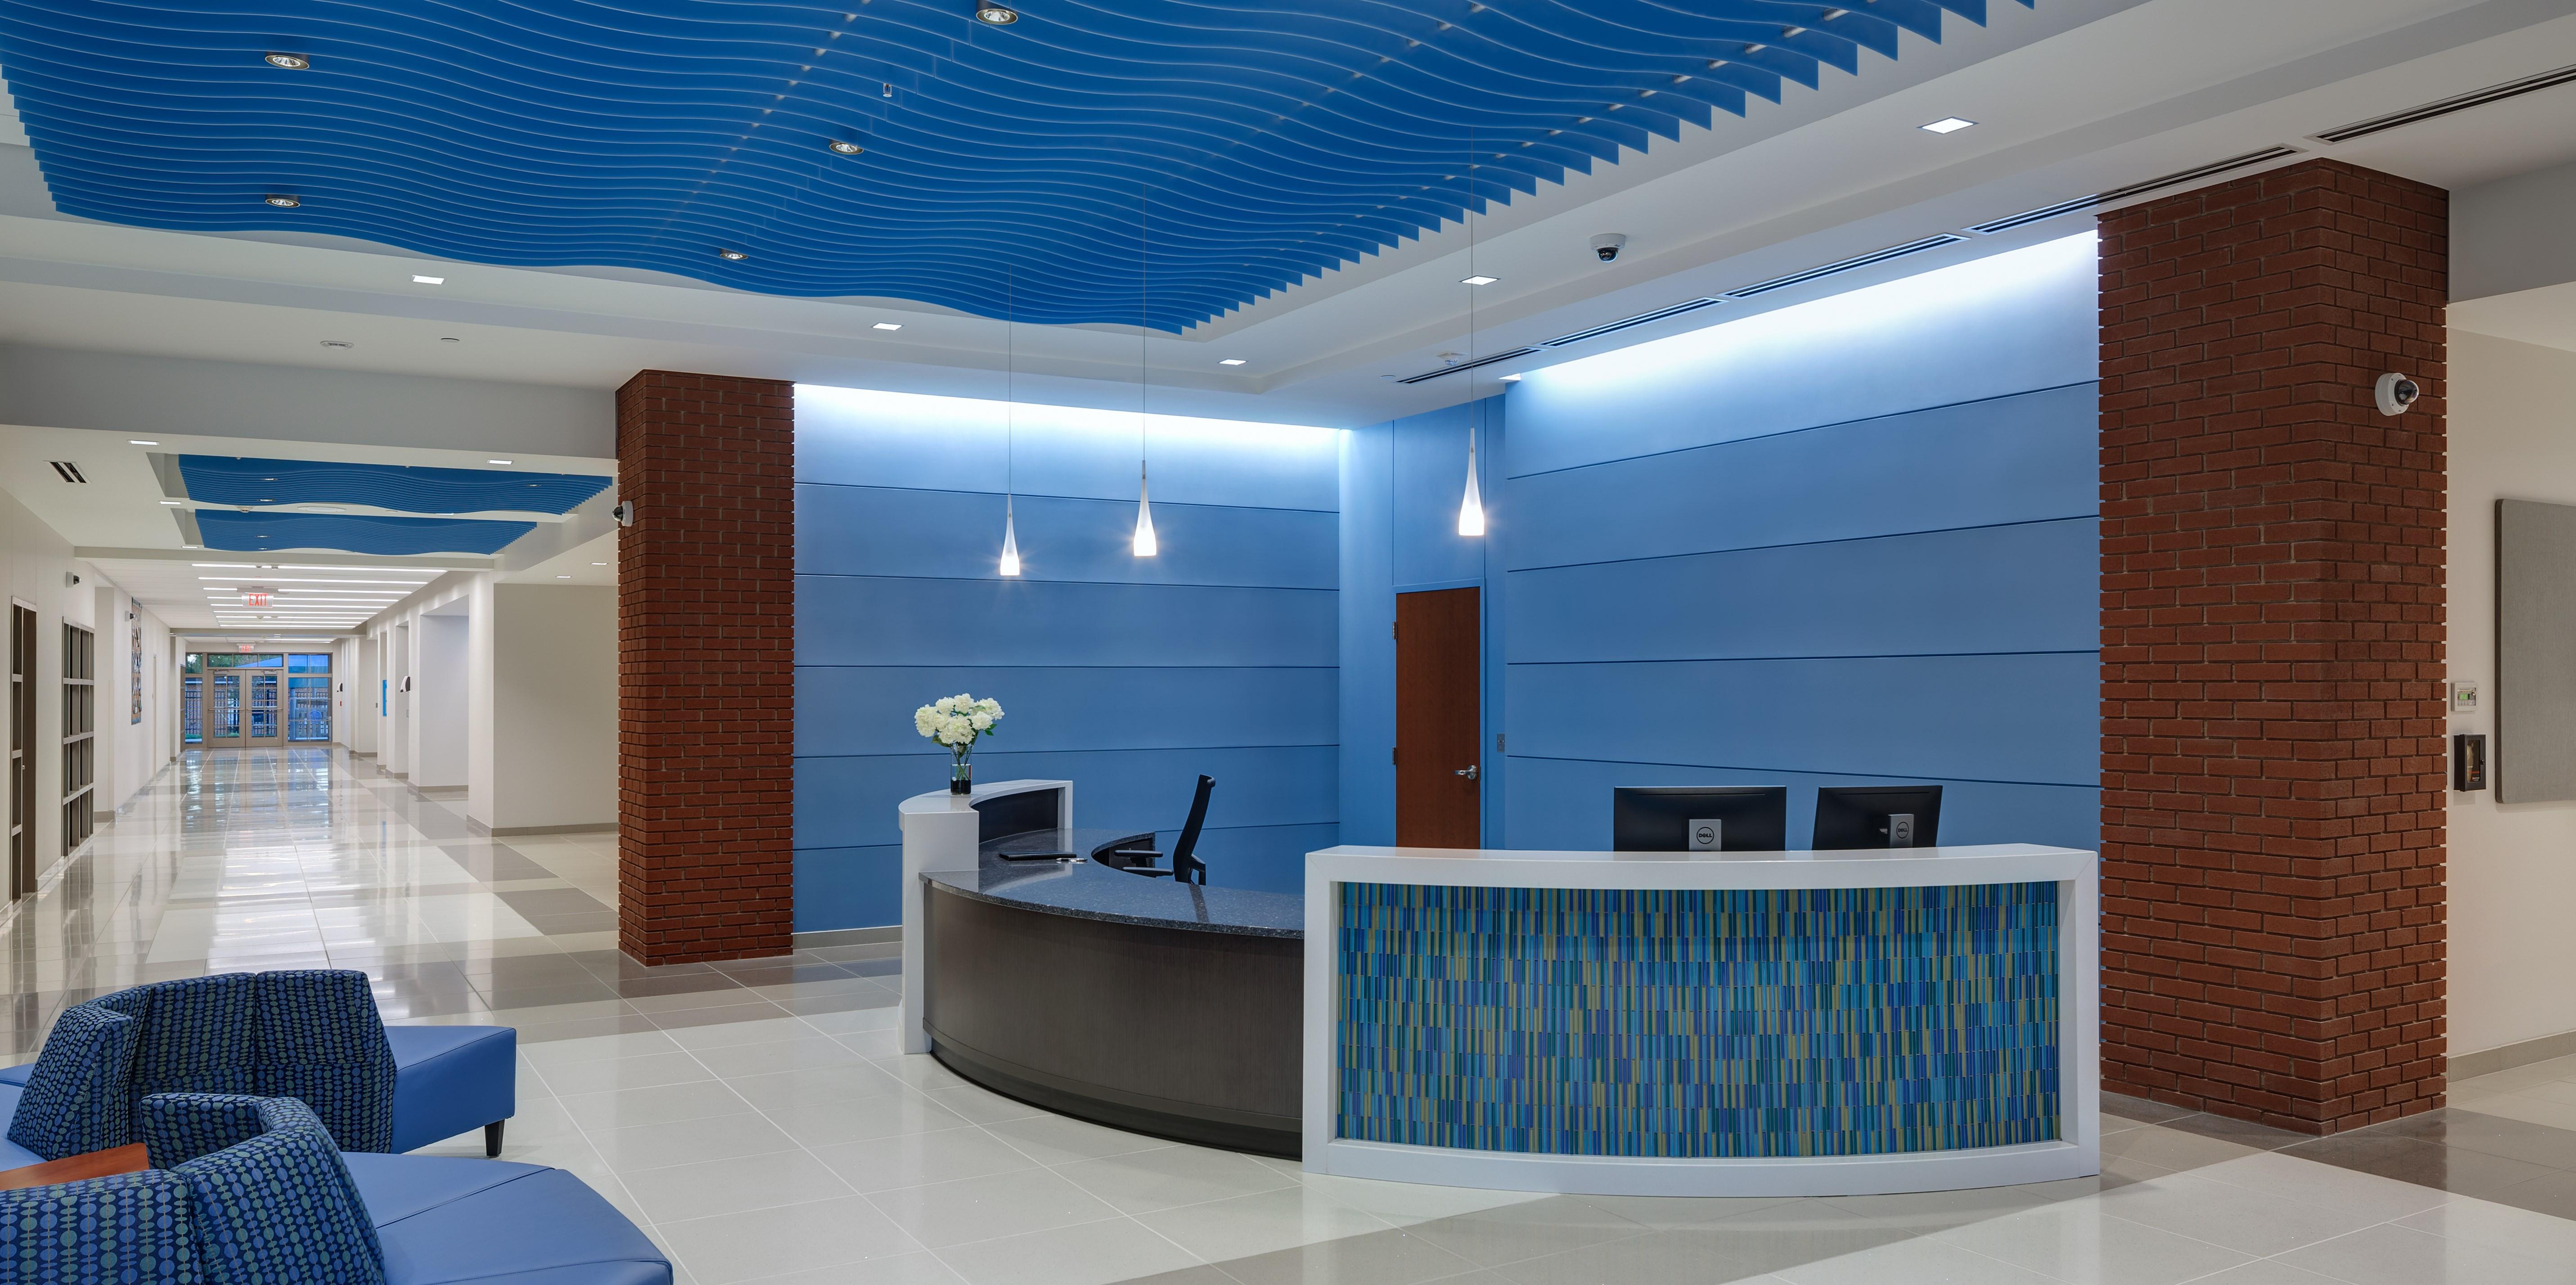 SCEC Lobby